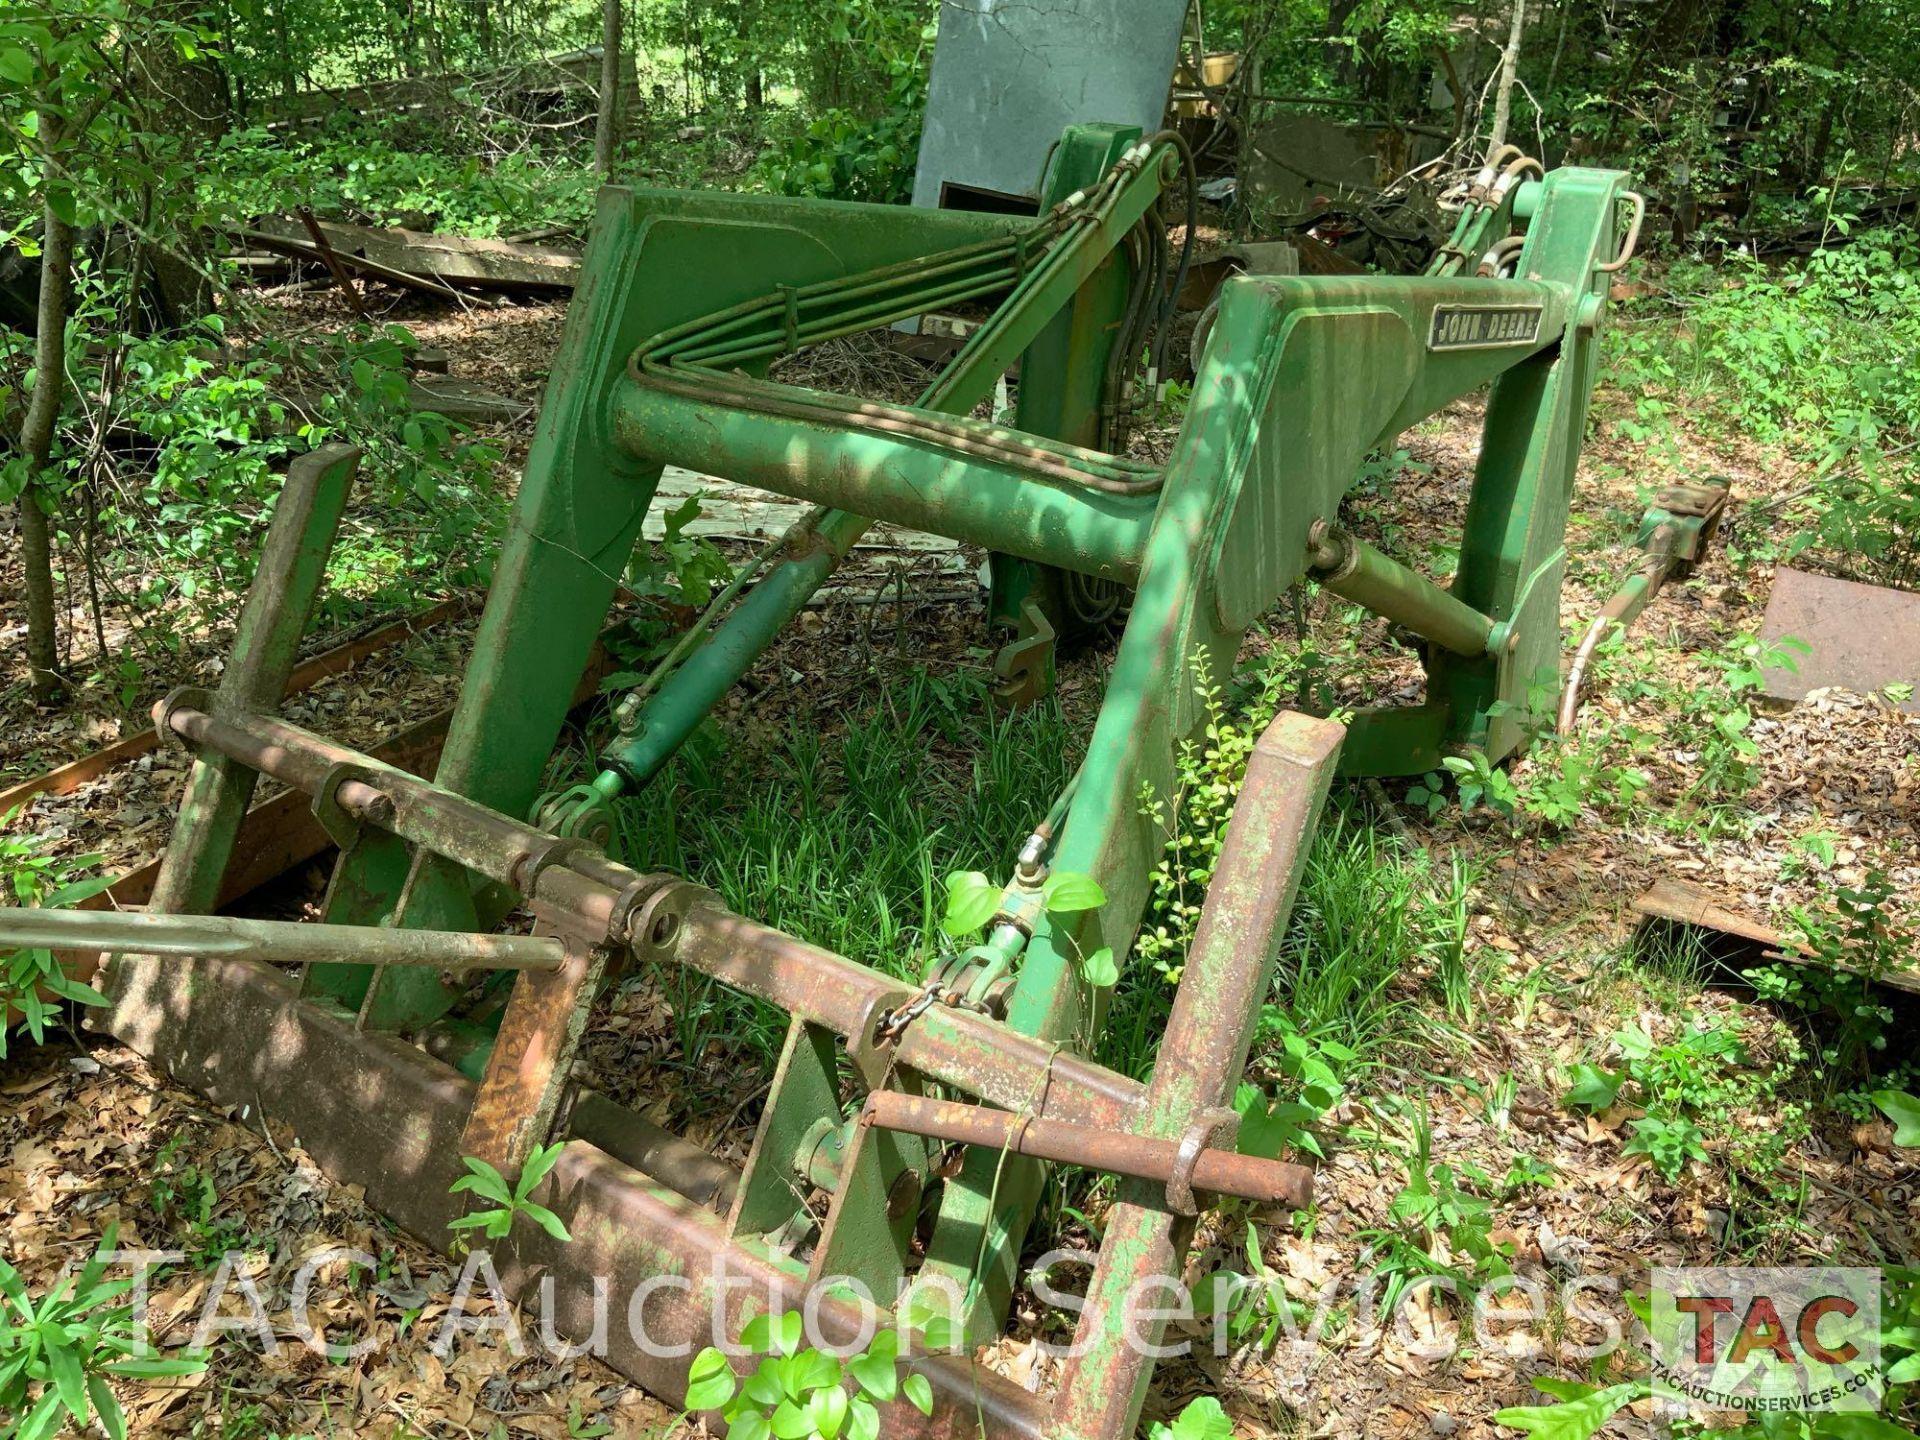 John Deere 4440 Tractor - Image 20 of 31